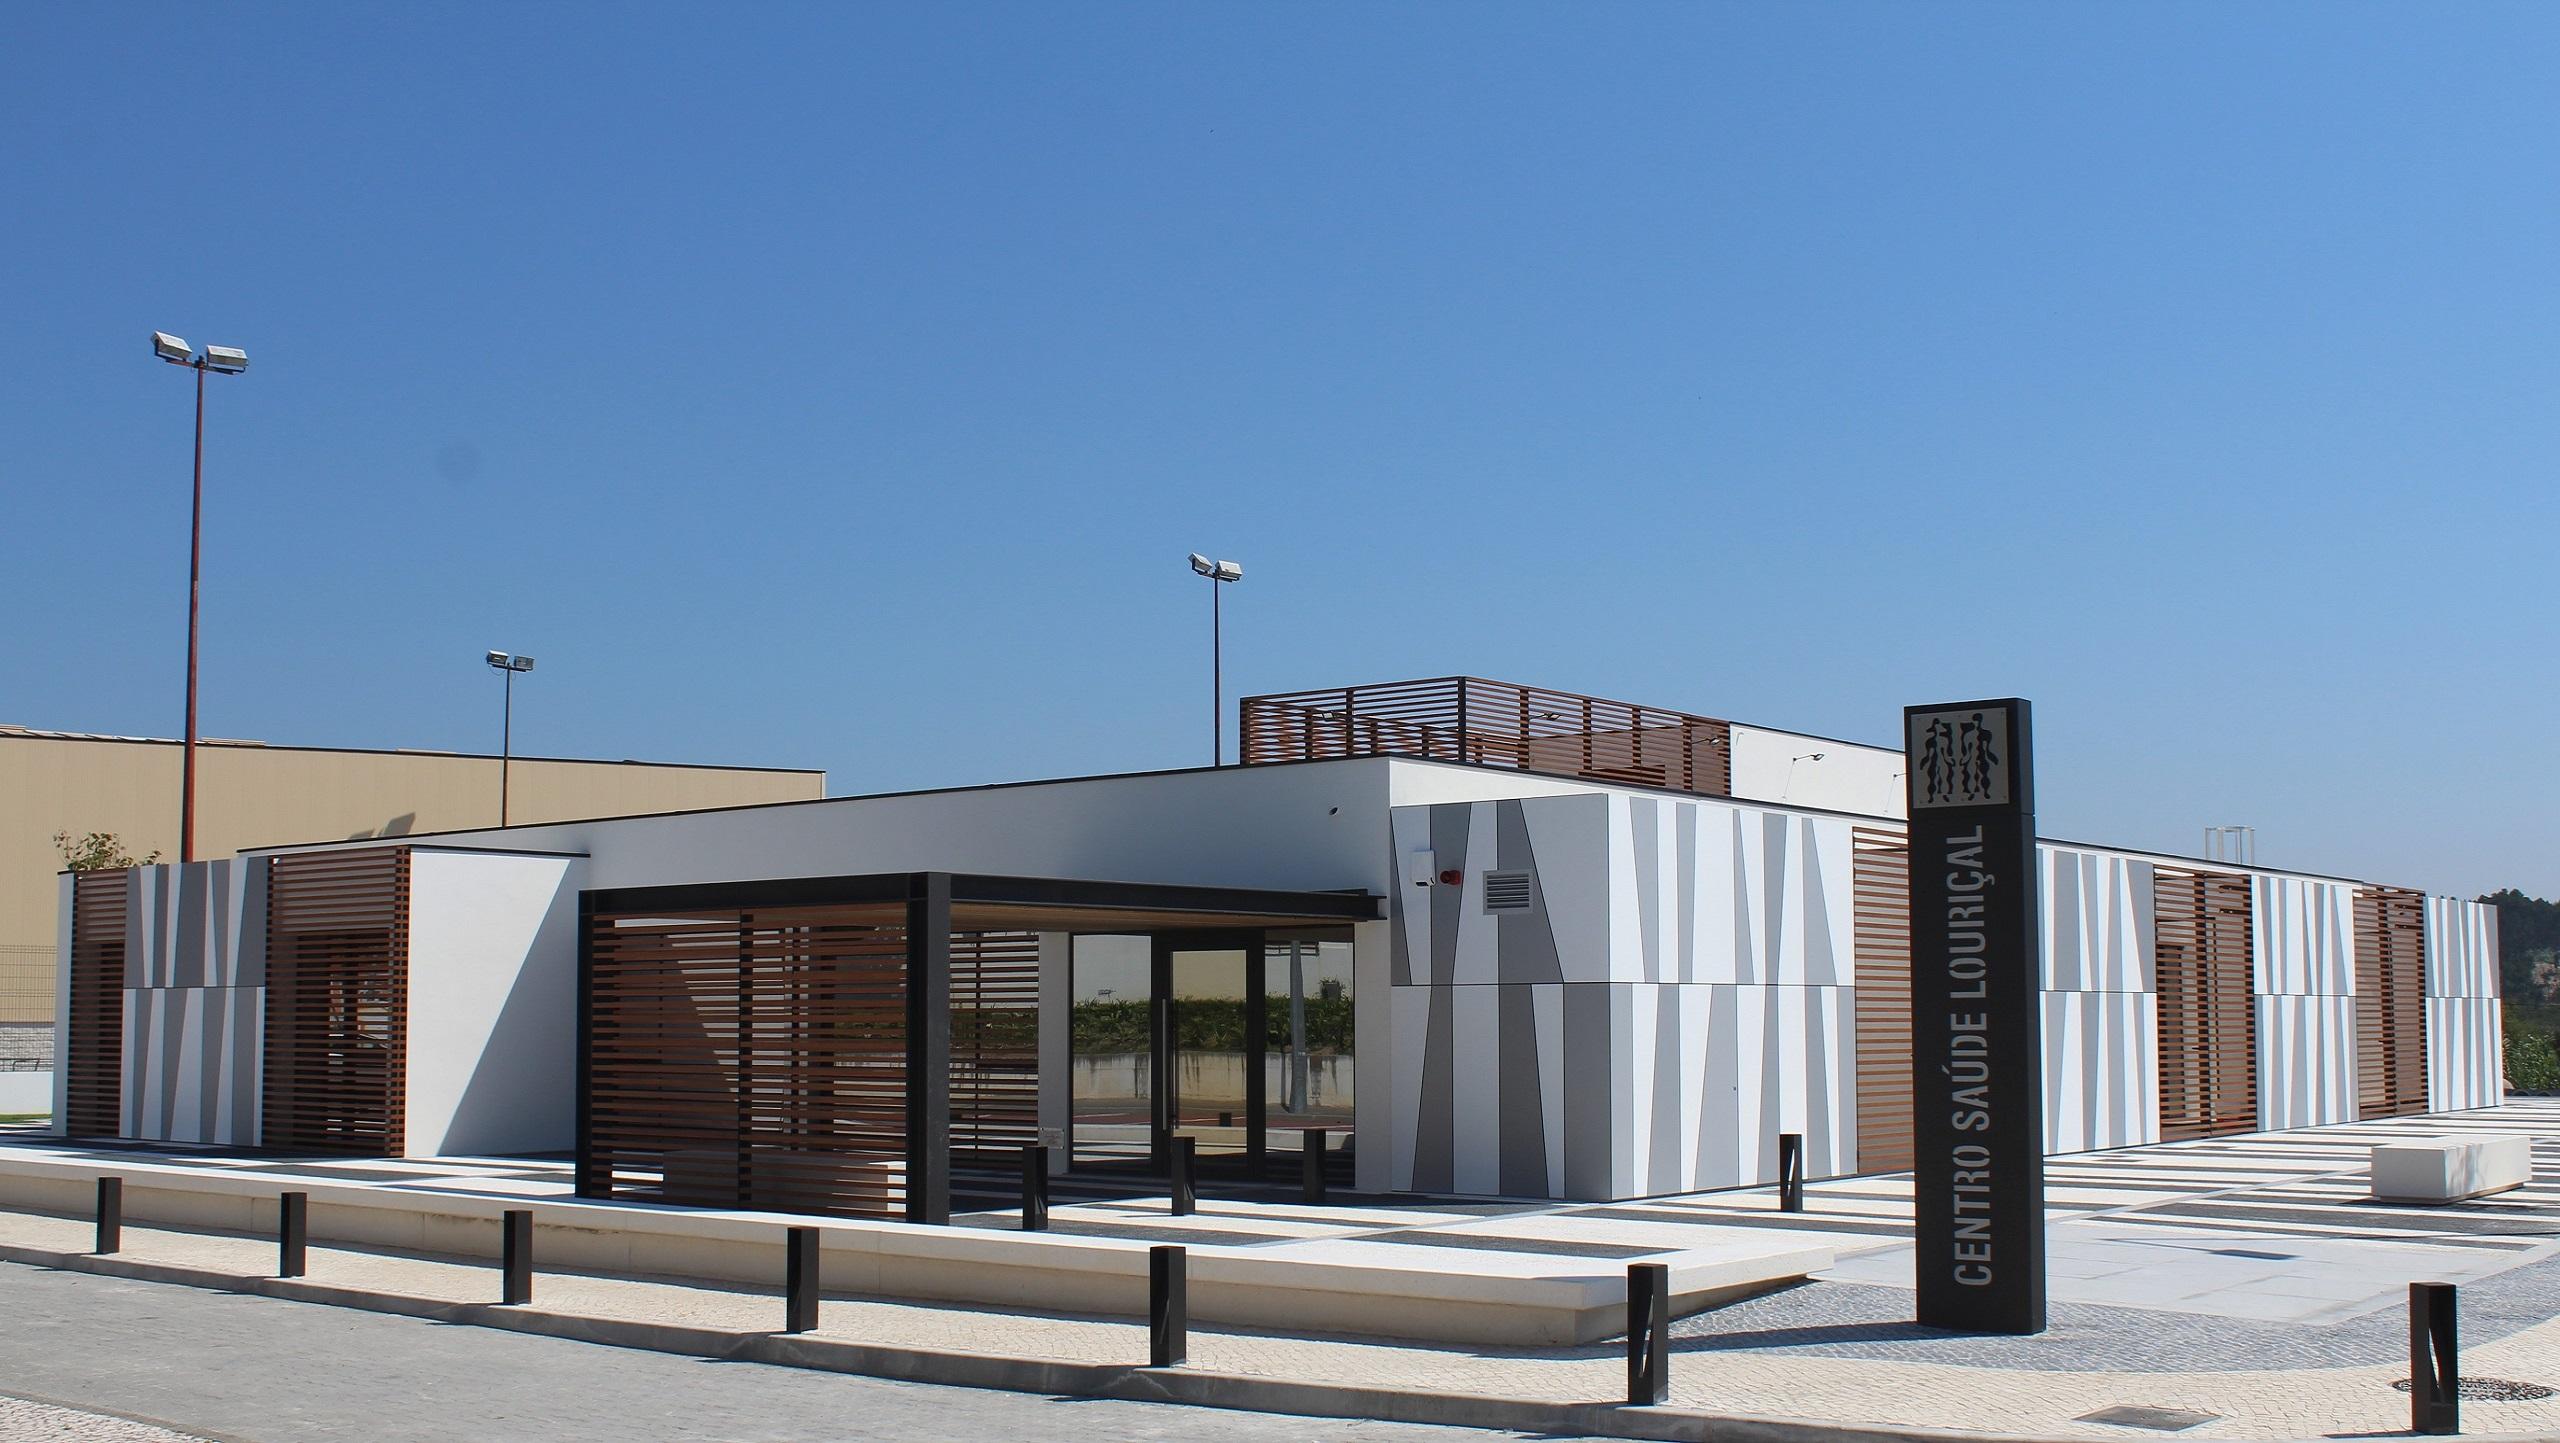 Centro de Saúde Louriçal construído pela Soteol em 2020